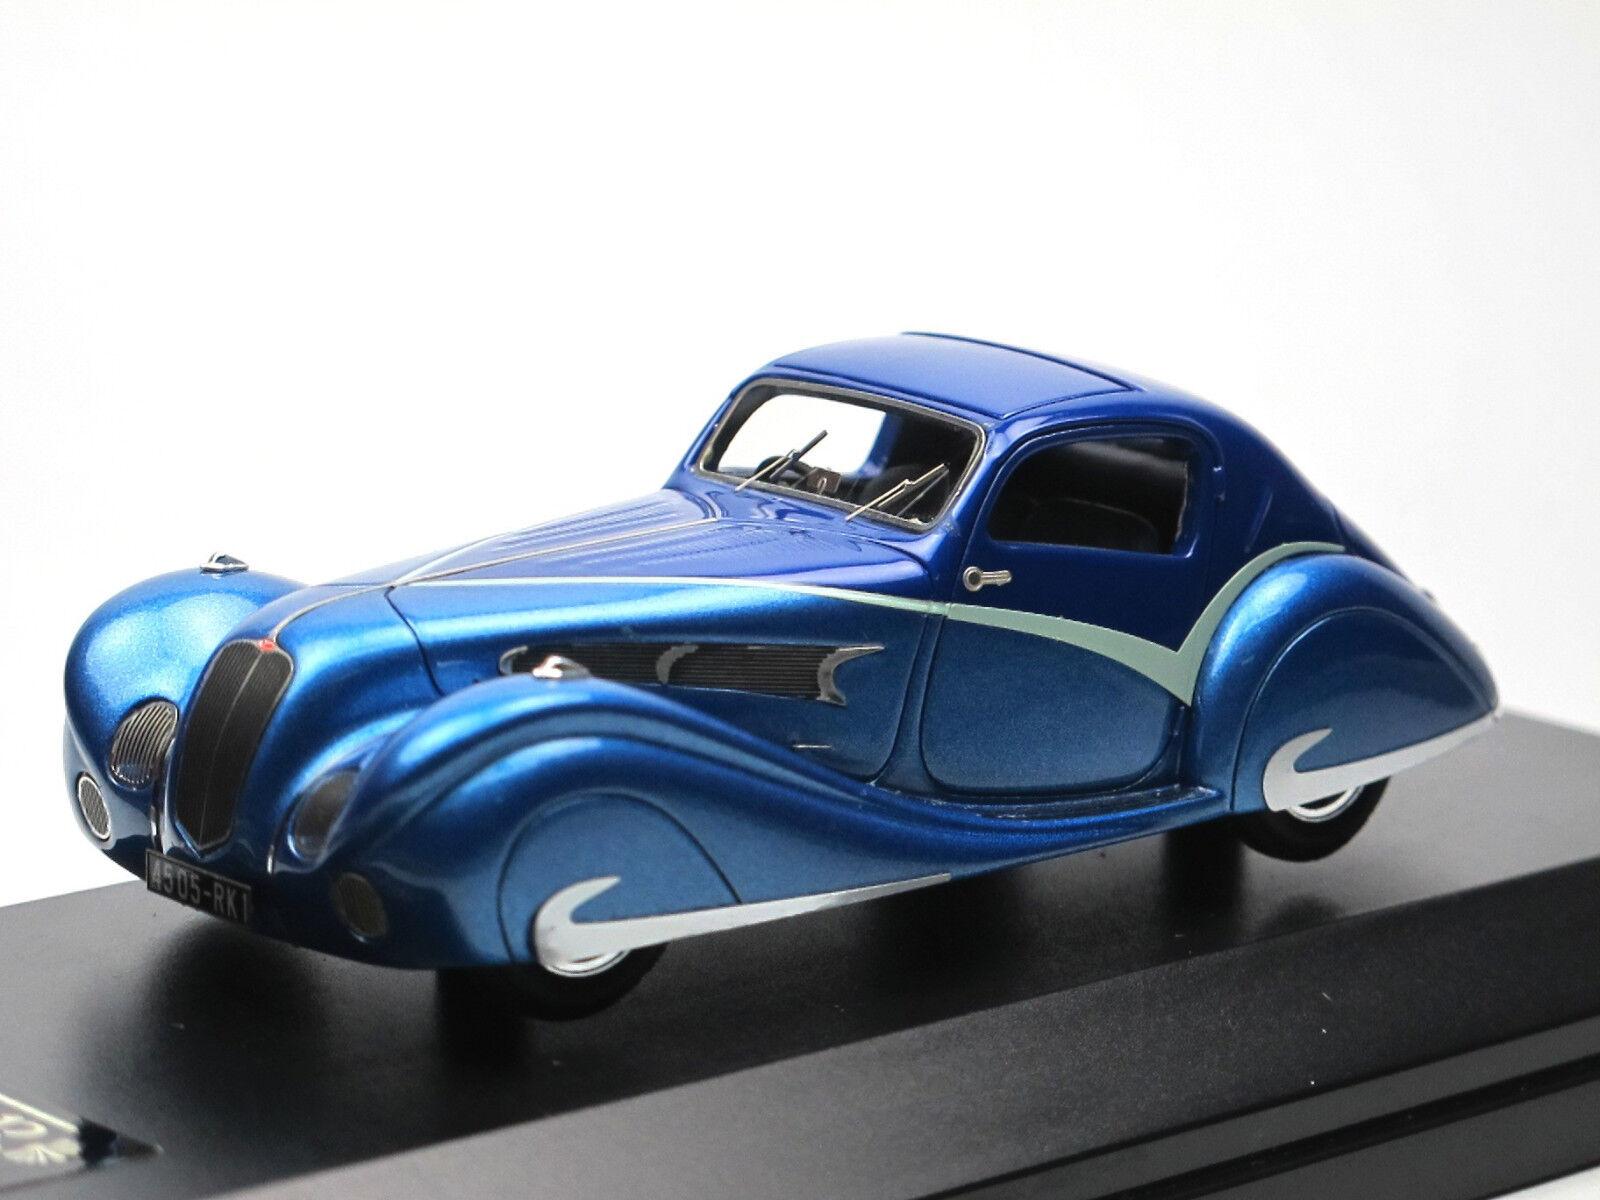 ルクセンブルク018、1936 delahaye 135コンテストティアドロップクーペフィガニ&ファルスチ1 / 43